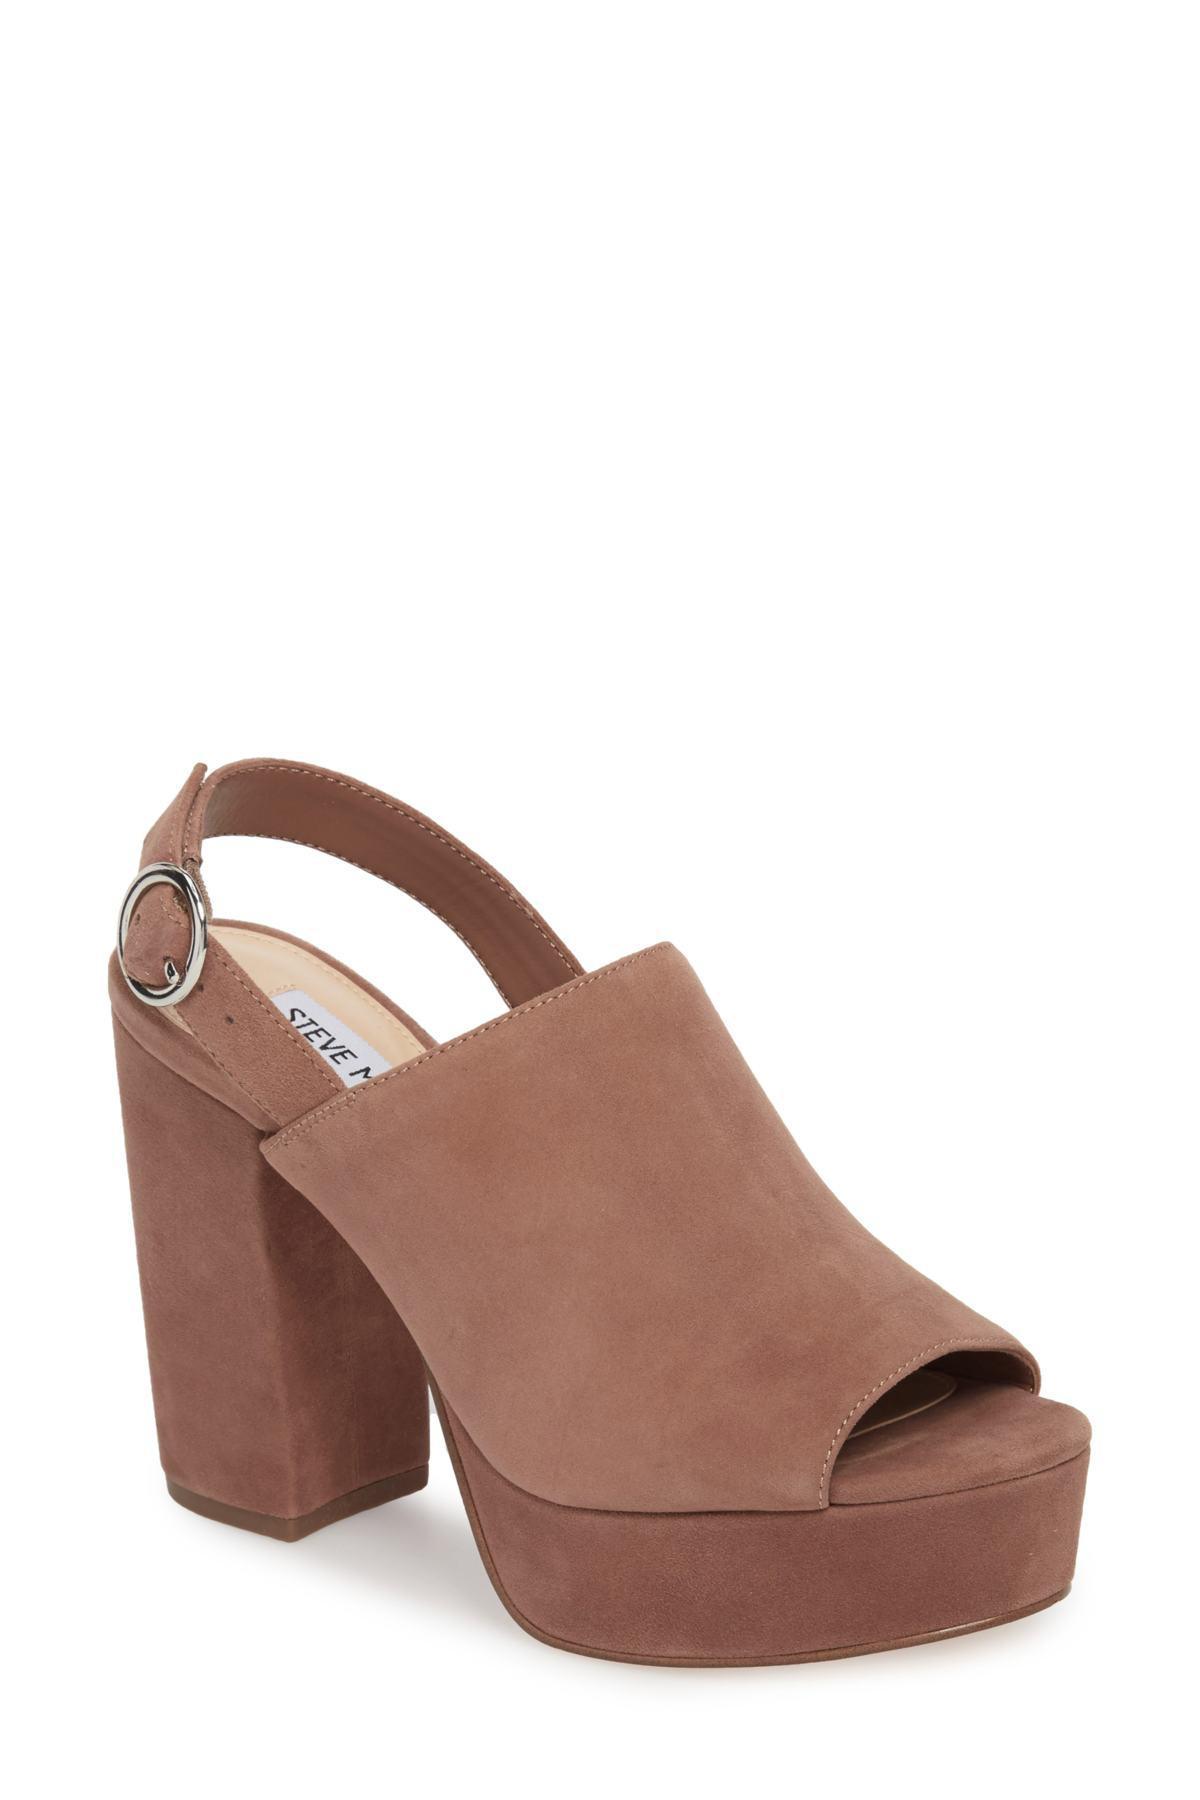 e0b5931563be Steve Madden Carter Slingback Platform Sandal (women) in Brown ...